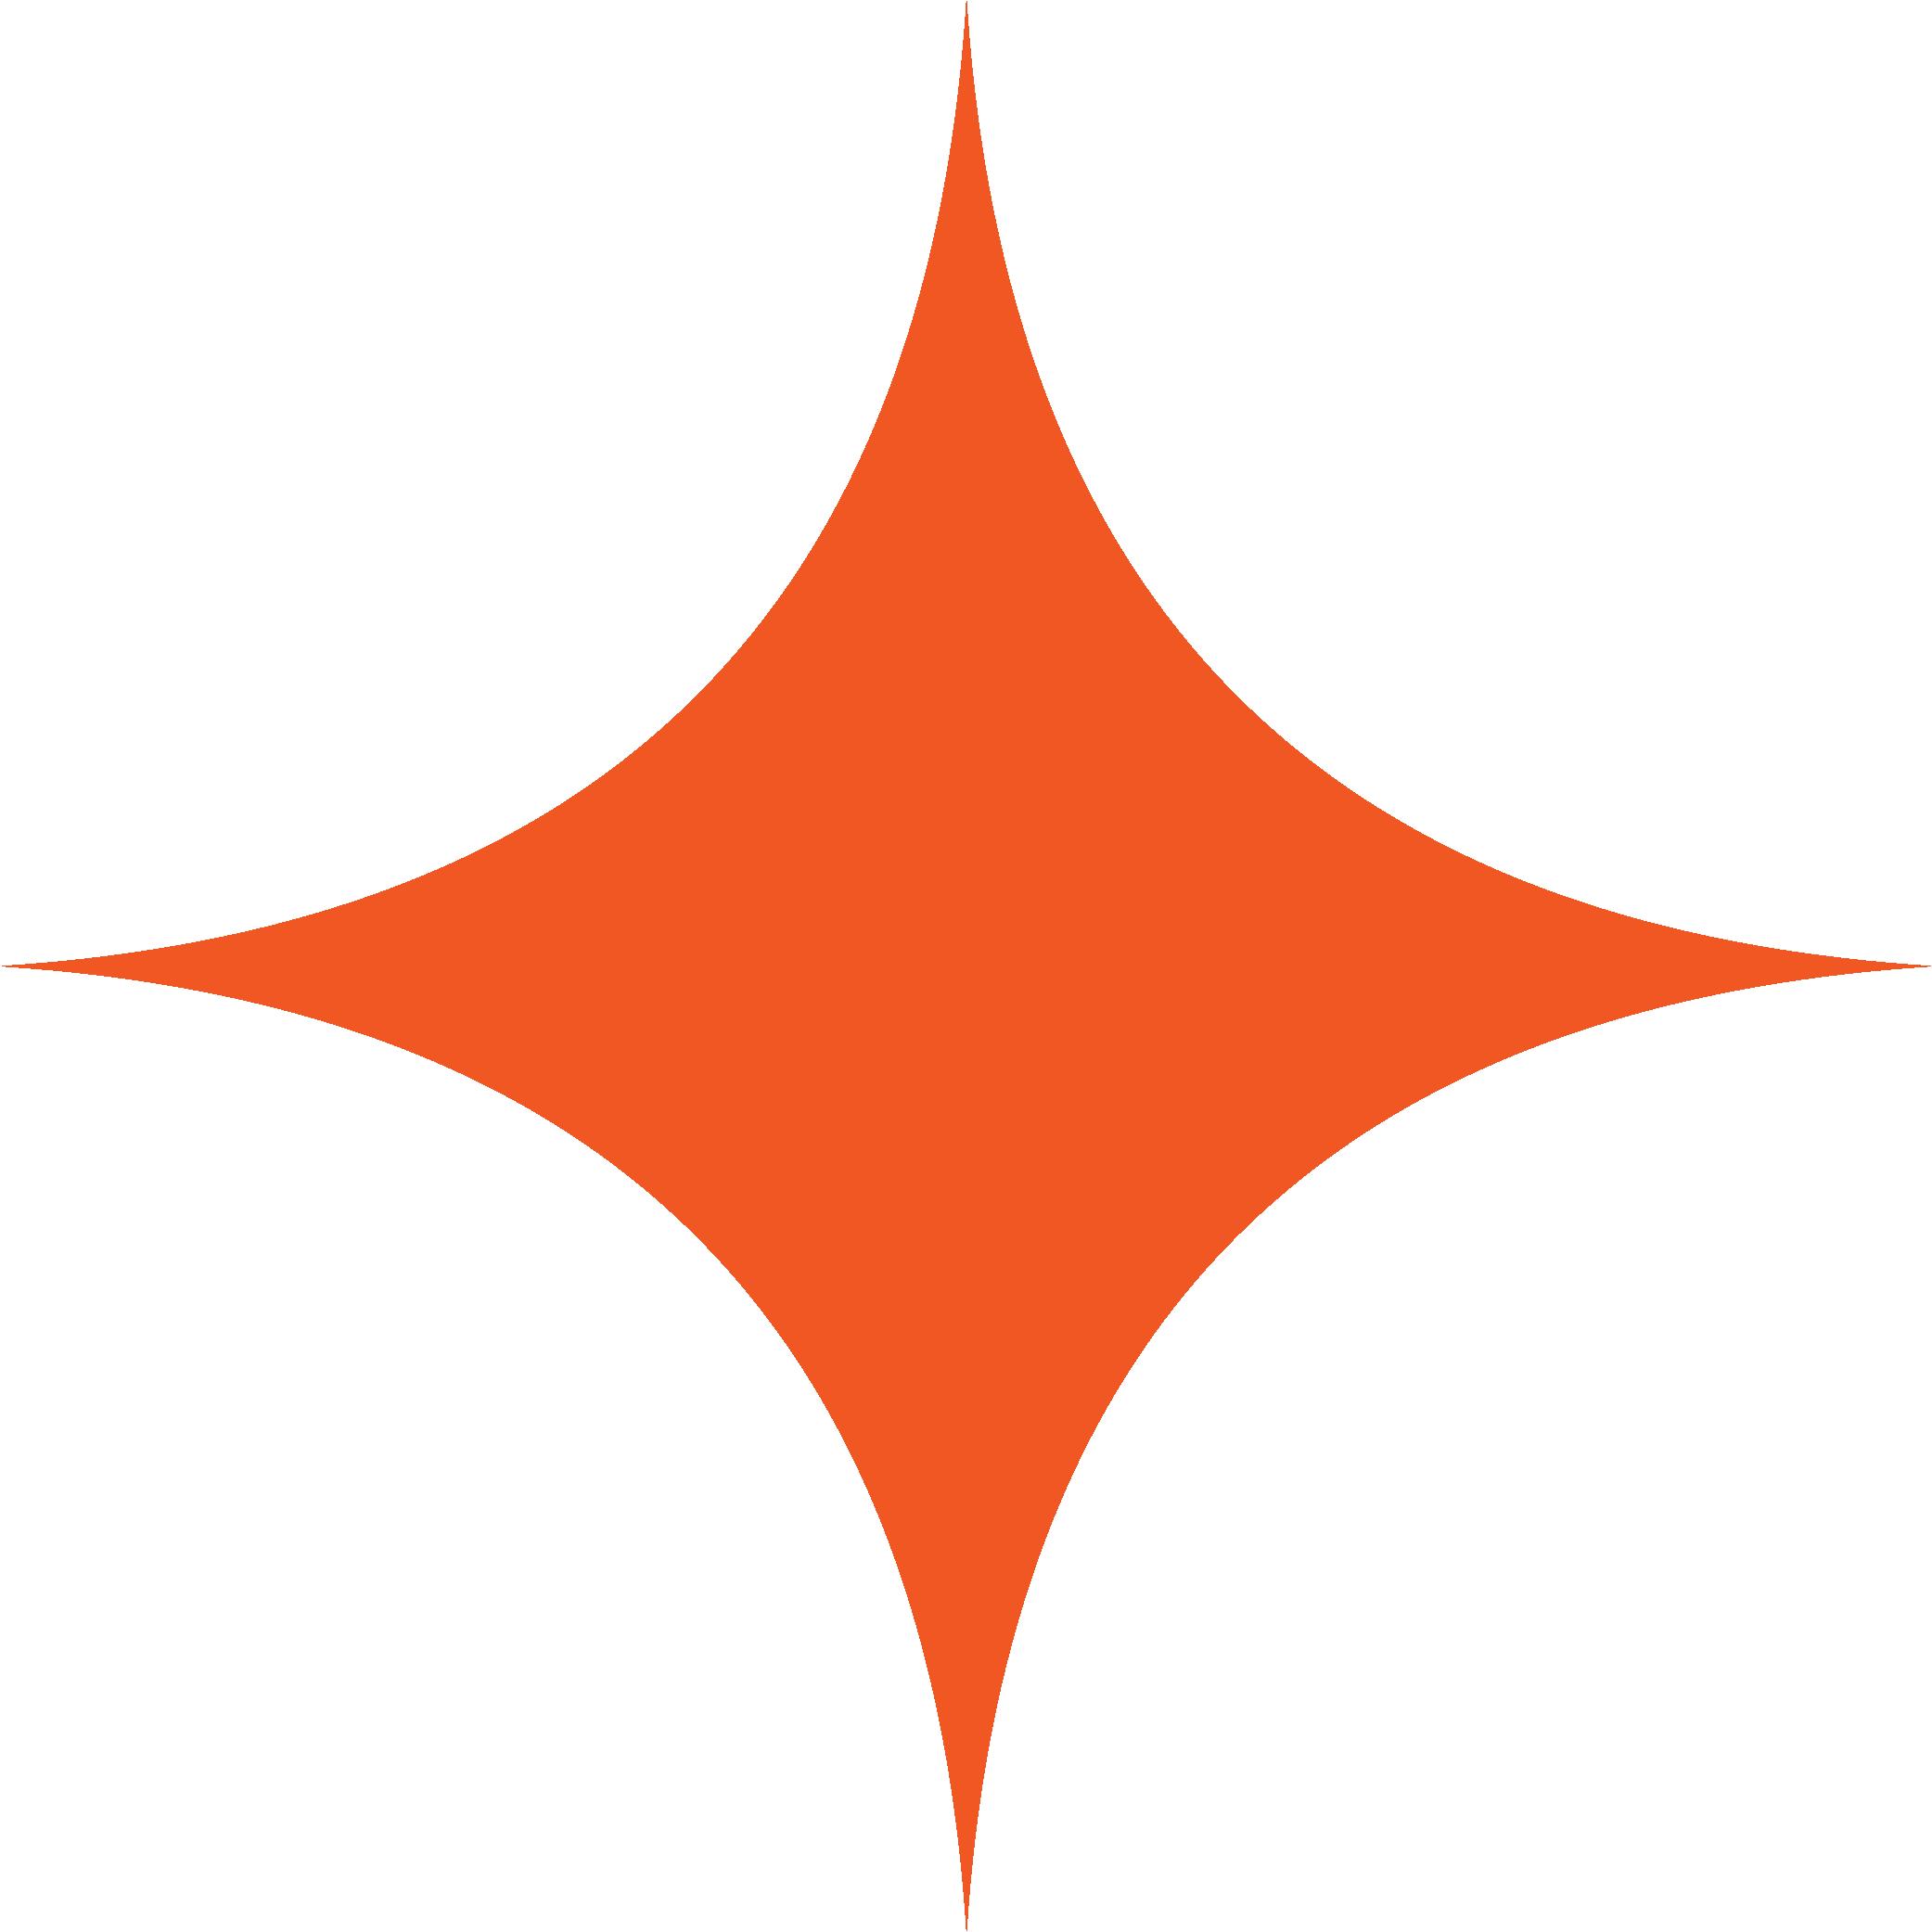 SFU003_SparkElement_Orange_CMYK.png